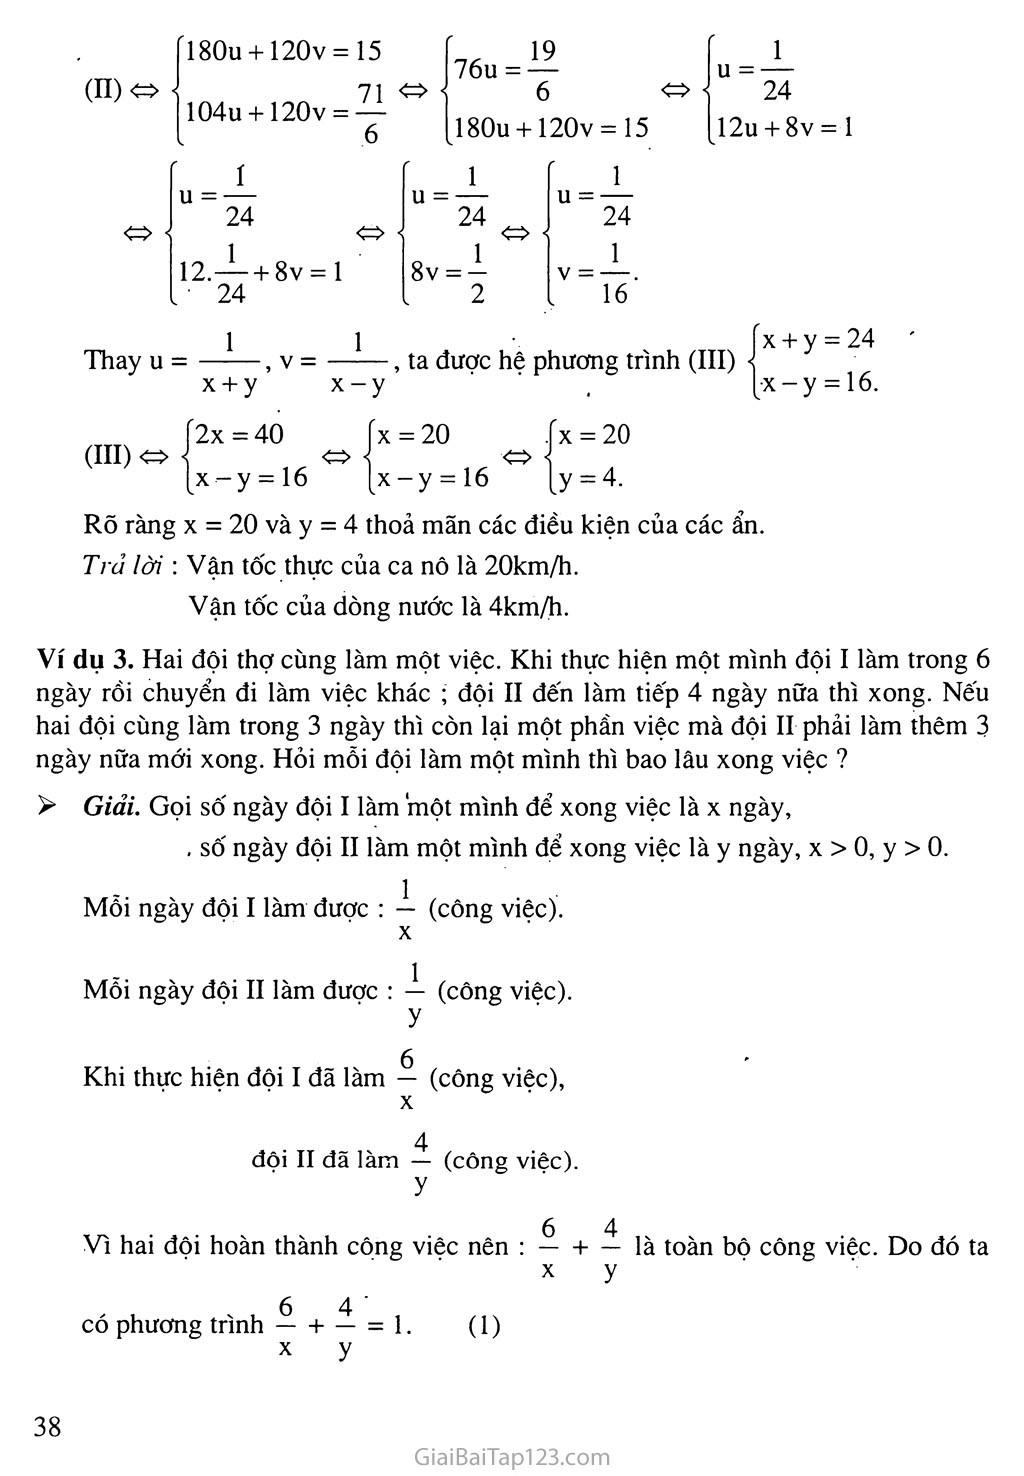 Bài 5. Giải bài toán bằng cách lập hệ phương trình trang 3